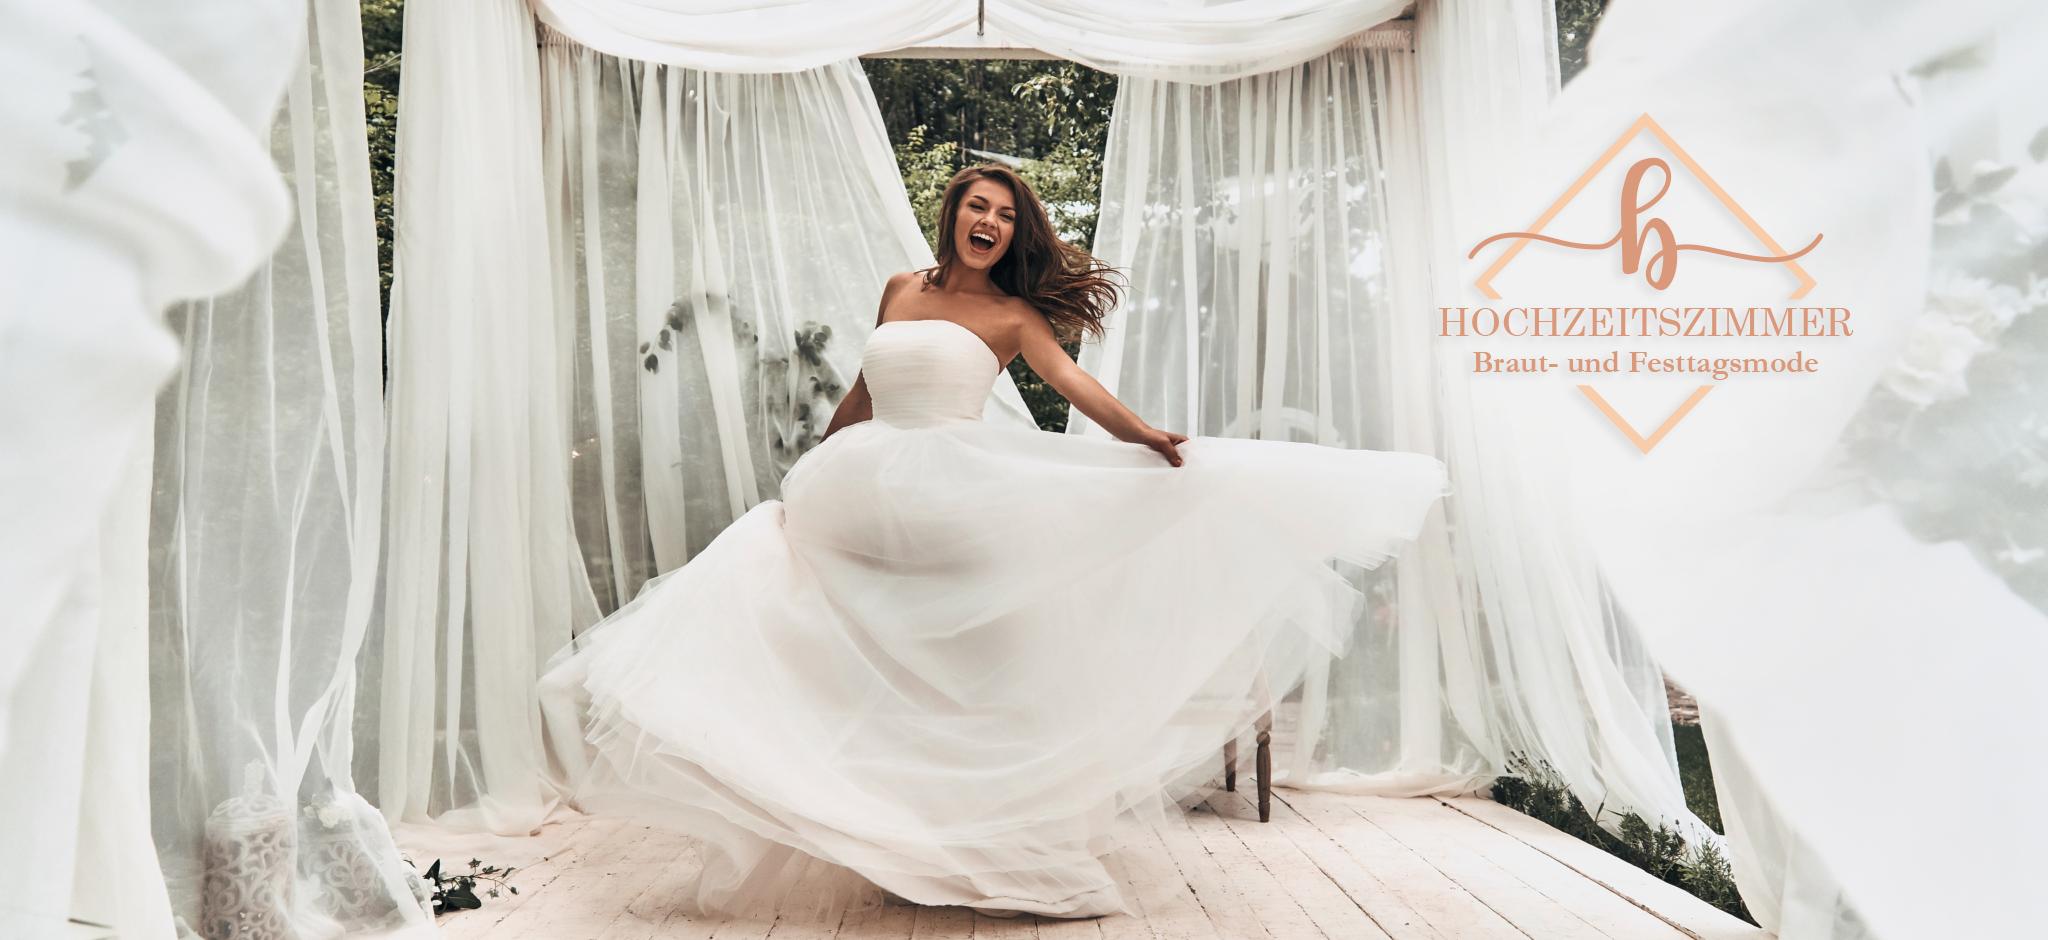 Brautmode Hochzeitszimmer Markt Piesting